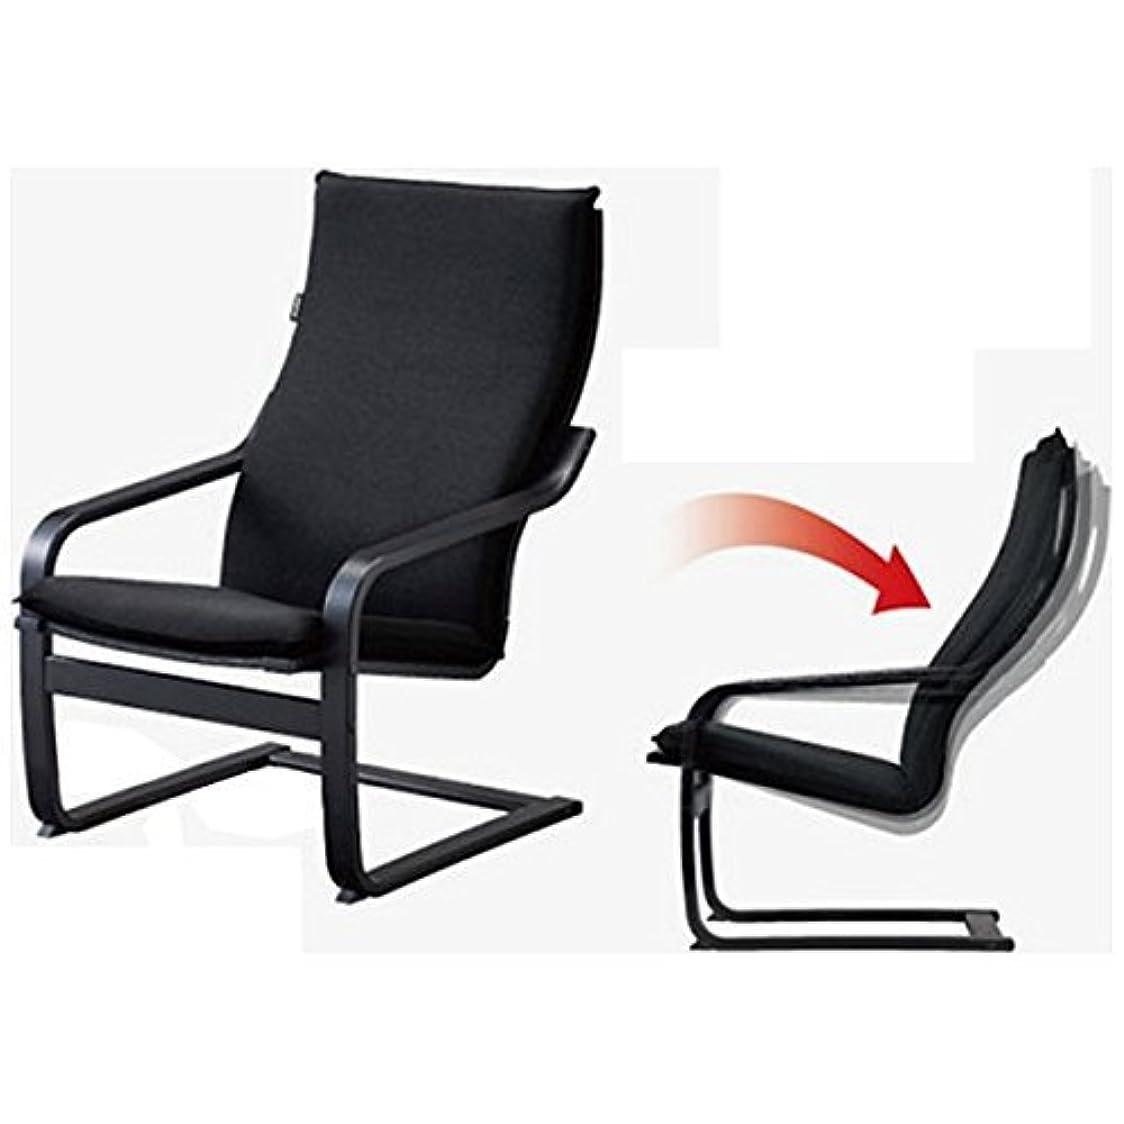 入り口ボットスナップフジ医療器 シートマッサージャー用チェア(ブラック)my relax(マイリラ) MRL-10C